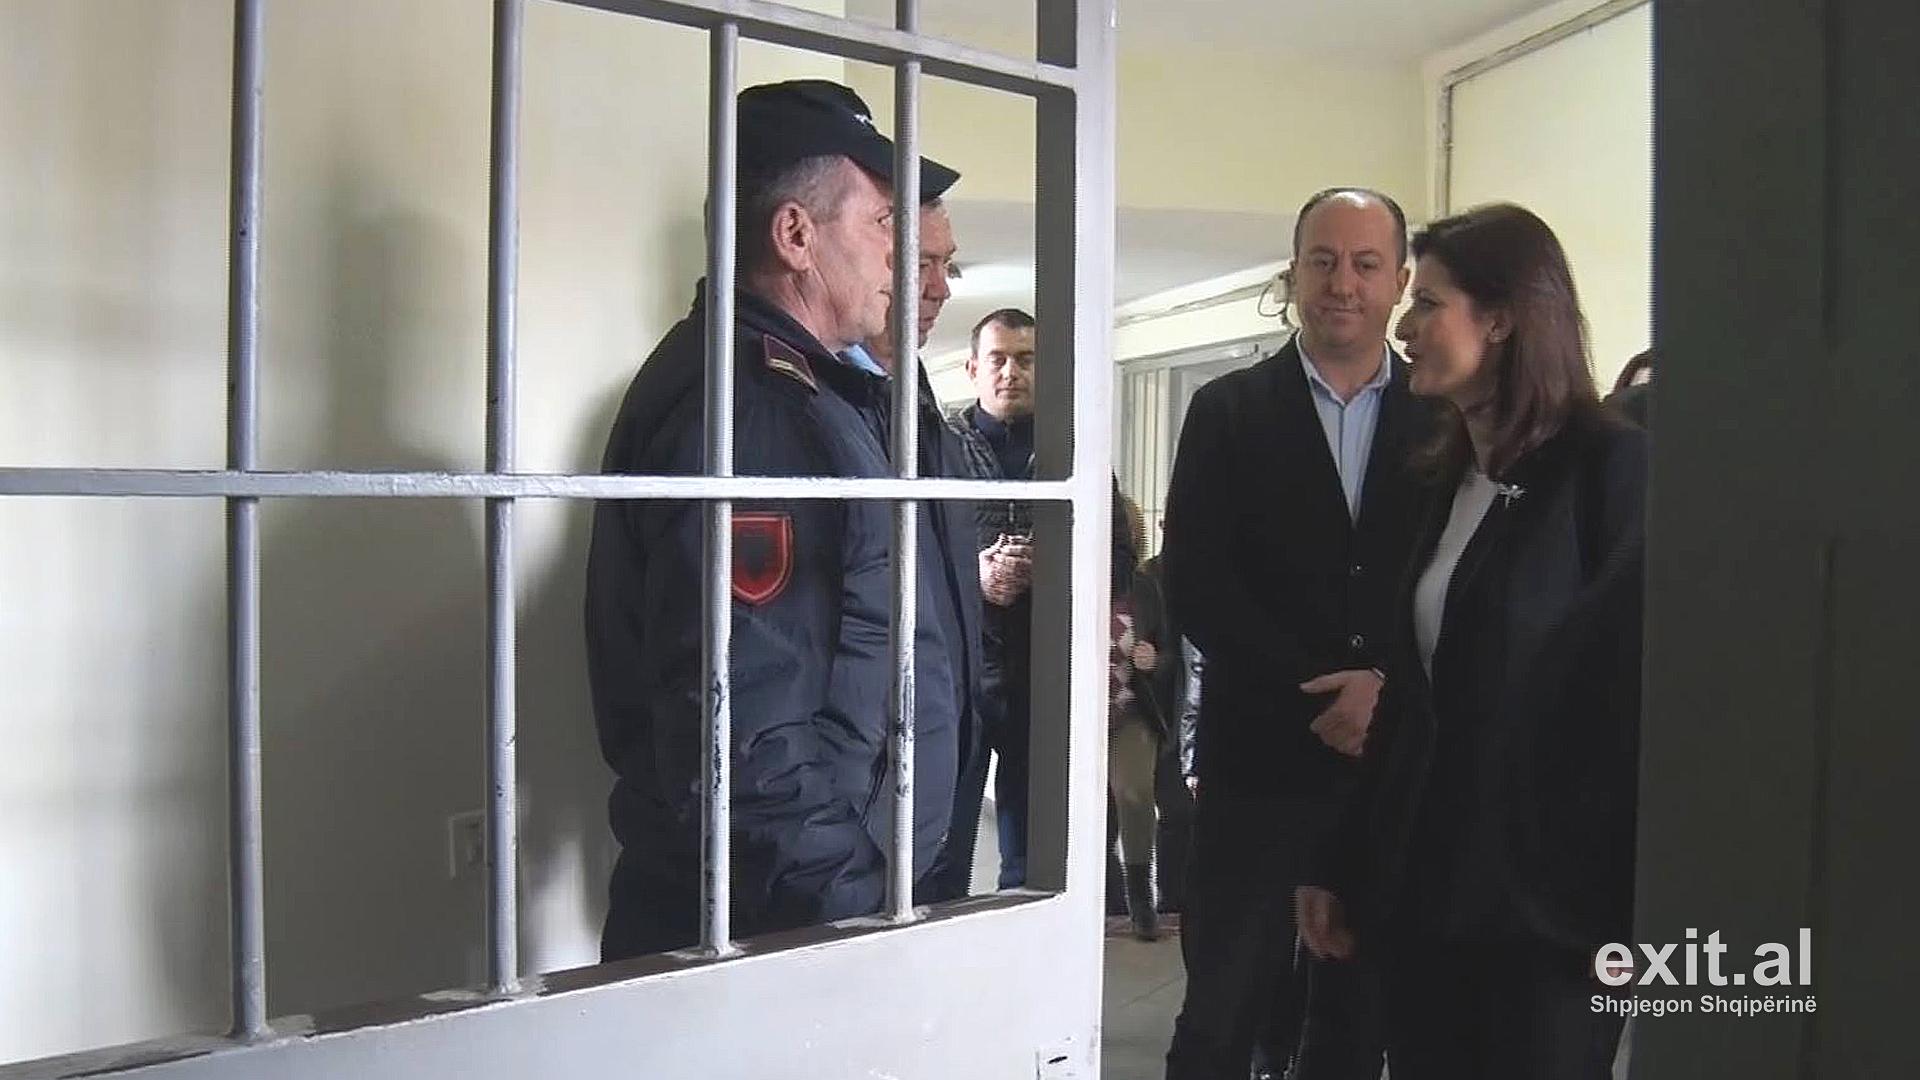 Drejtoria e Burgjeve: Të burgosurit po lirohen para kohe